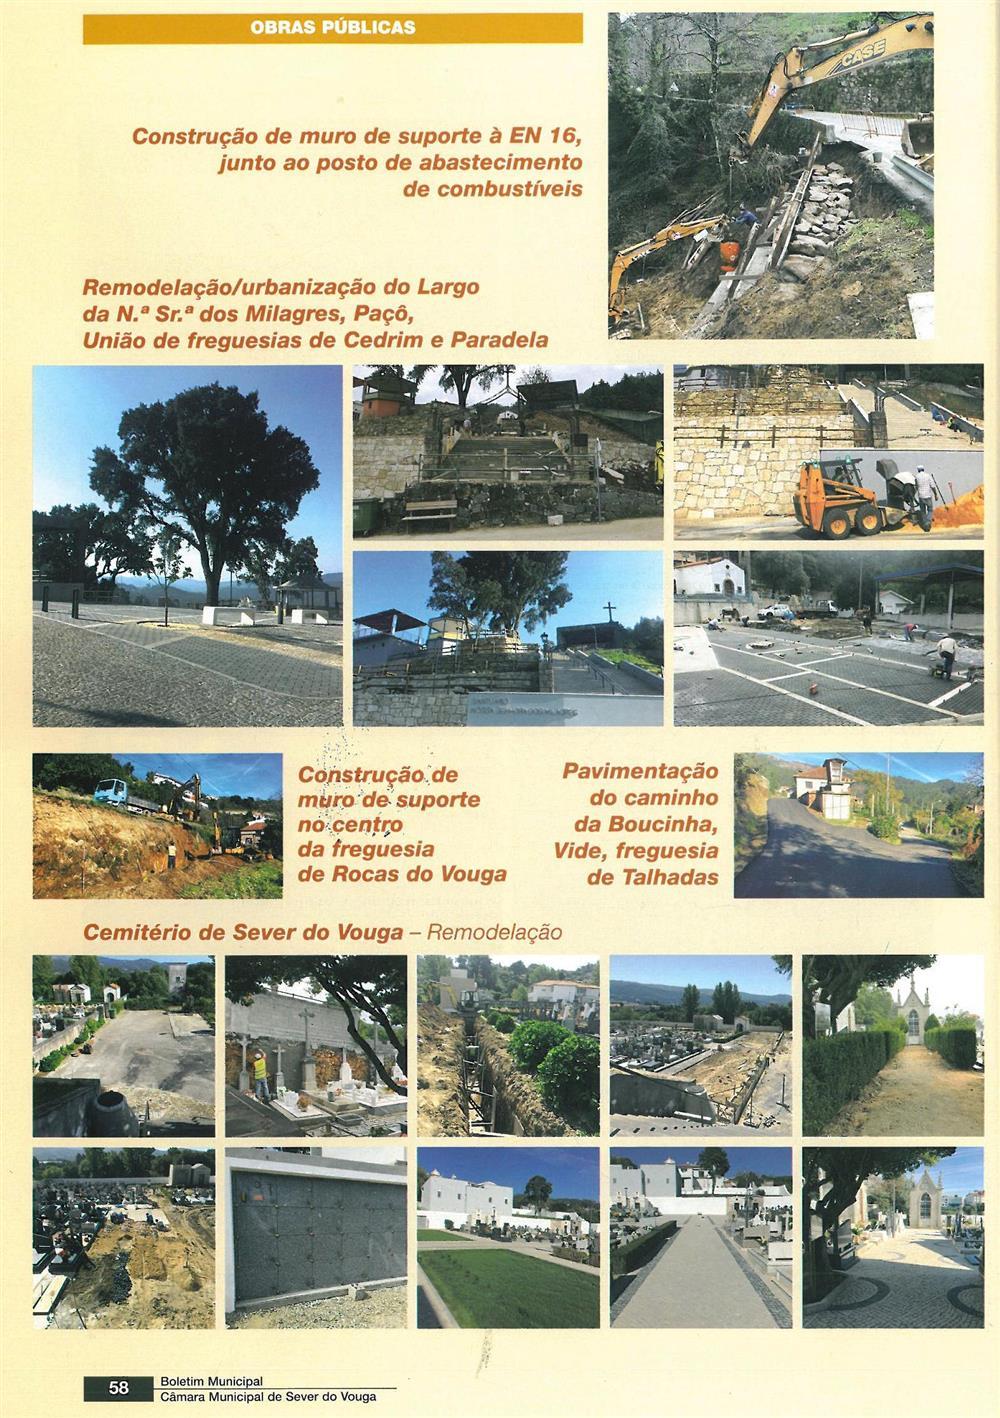 BoletimMunicipal-n.º32-nov.'15-p.58-Obras públicas [8.ª parte de oito].jpg